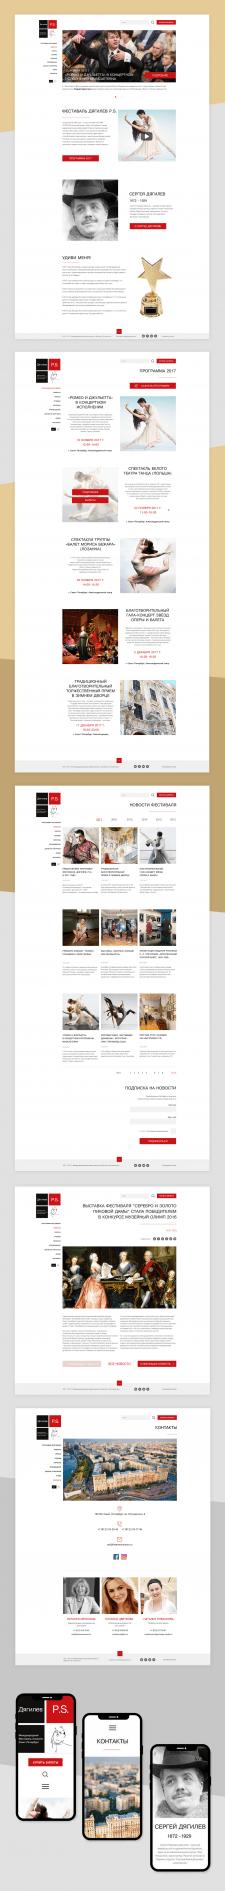 Дизайн сайта для фестиваля Дягилева (Санкт-Петер.)